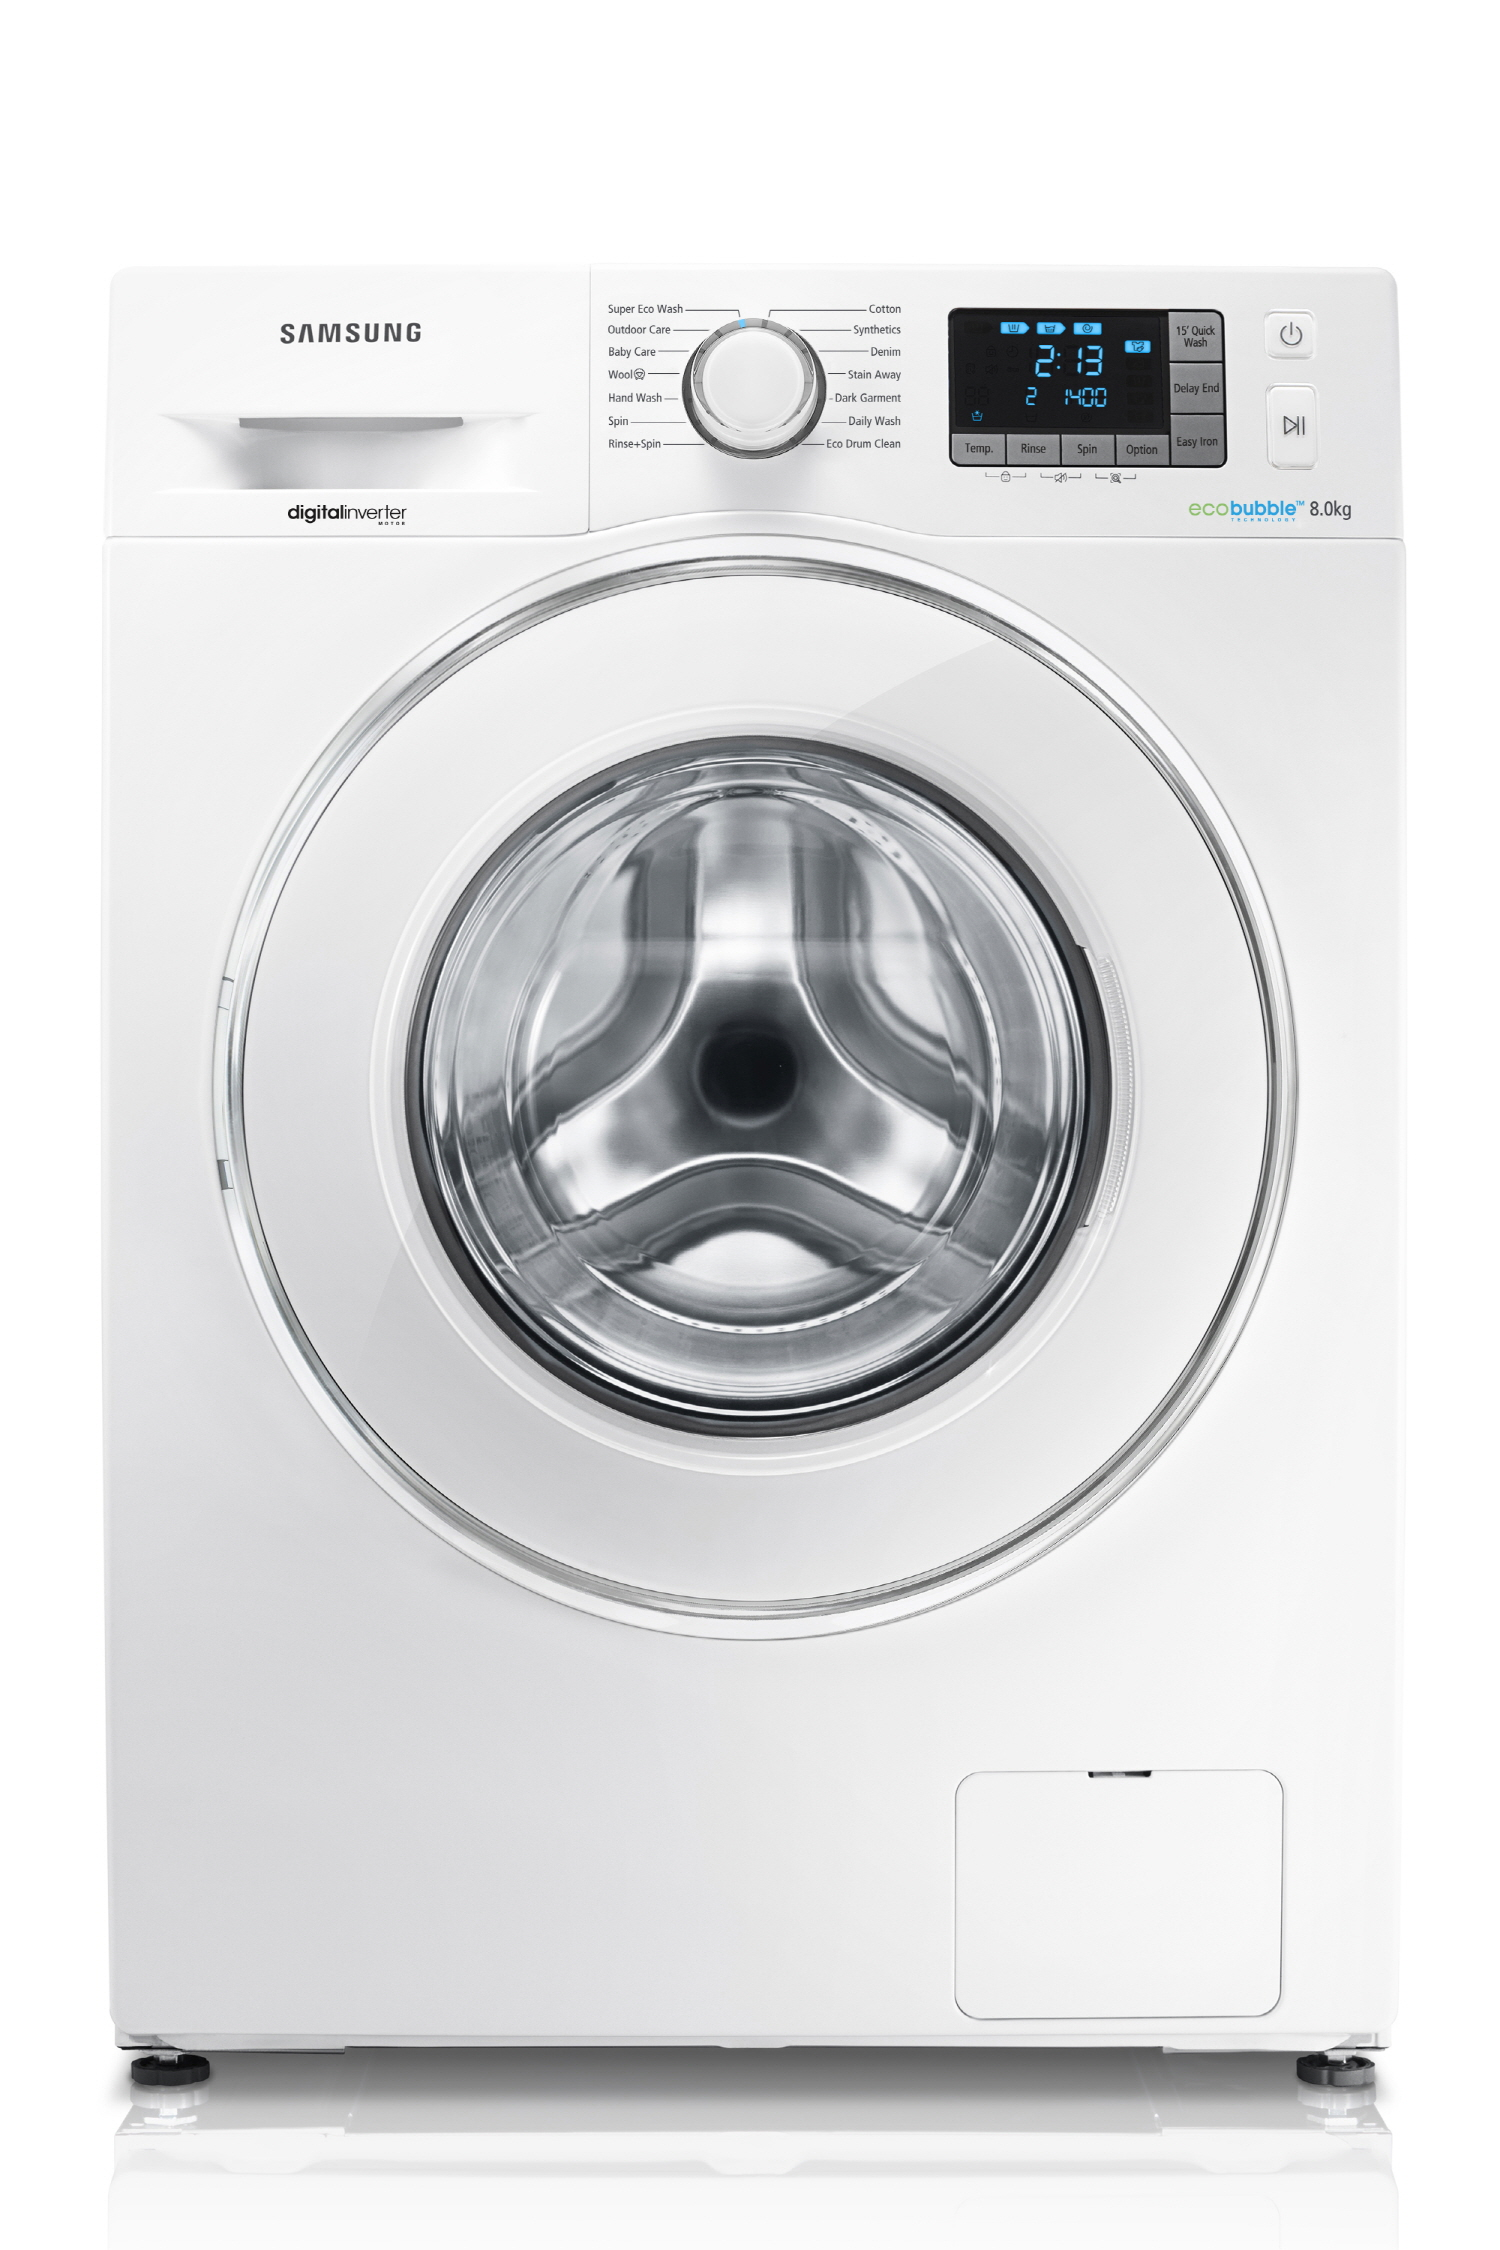 버블드럼세탁기 WF80F5E5U4W 의 정면 모습입니다.